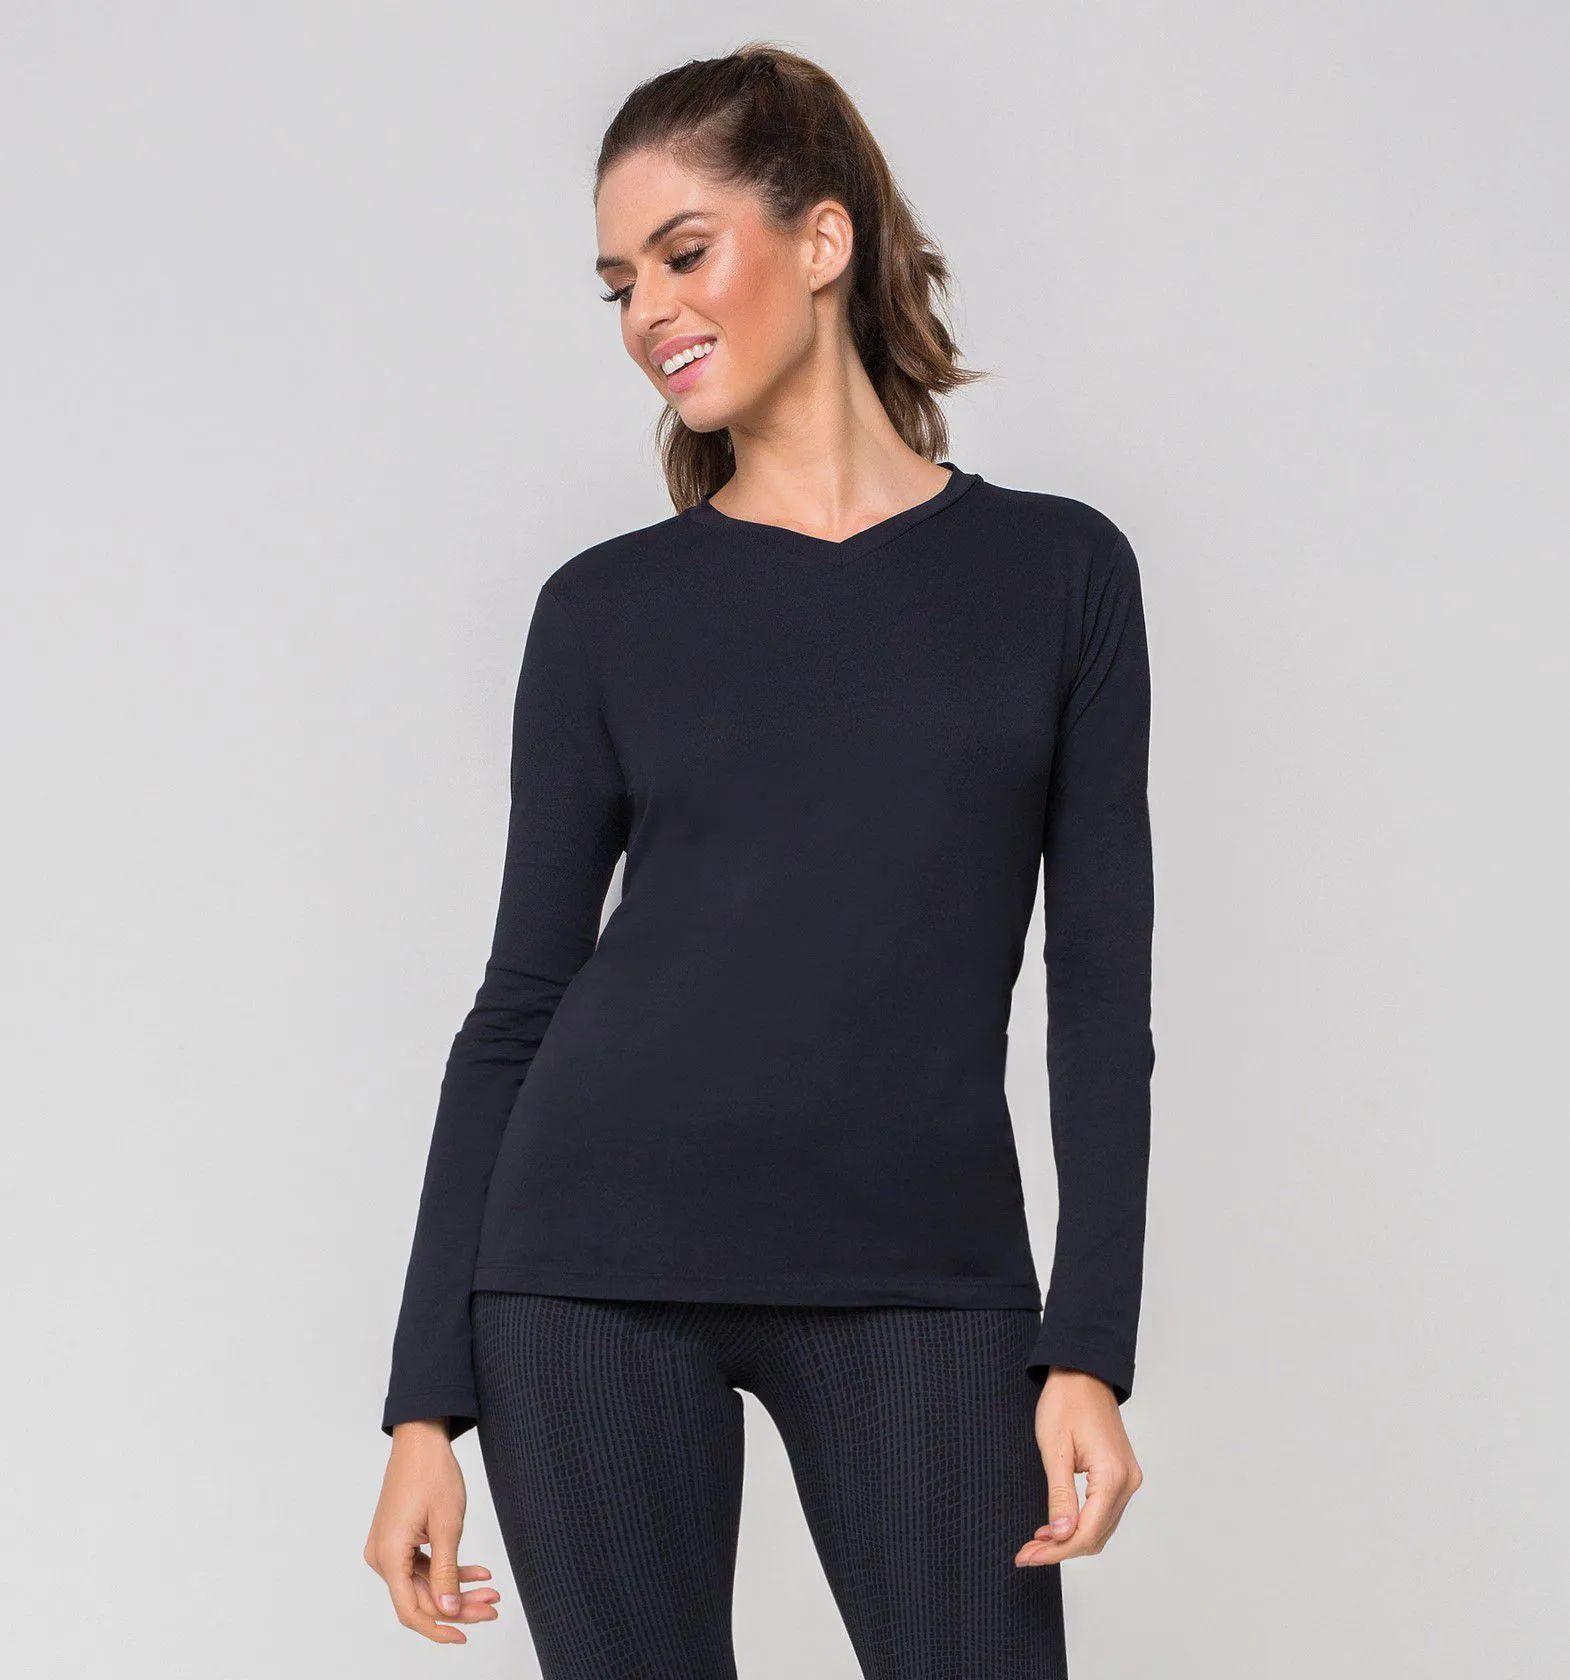 UV LINE Camiseta Sport Fit Manga Longa Feminino Preto Proteção Solar